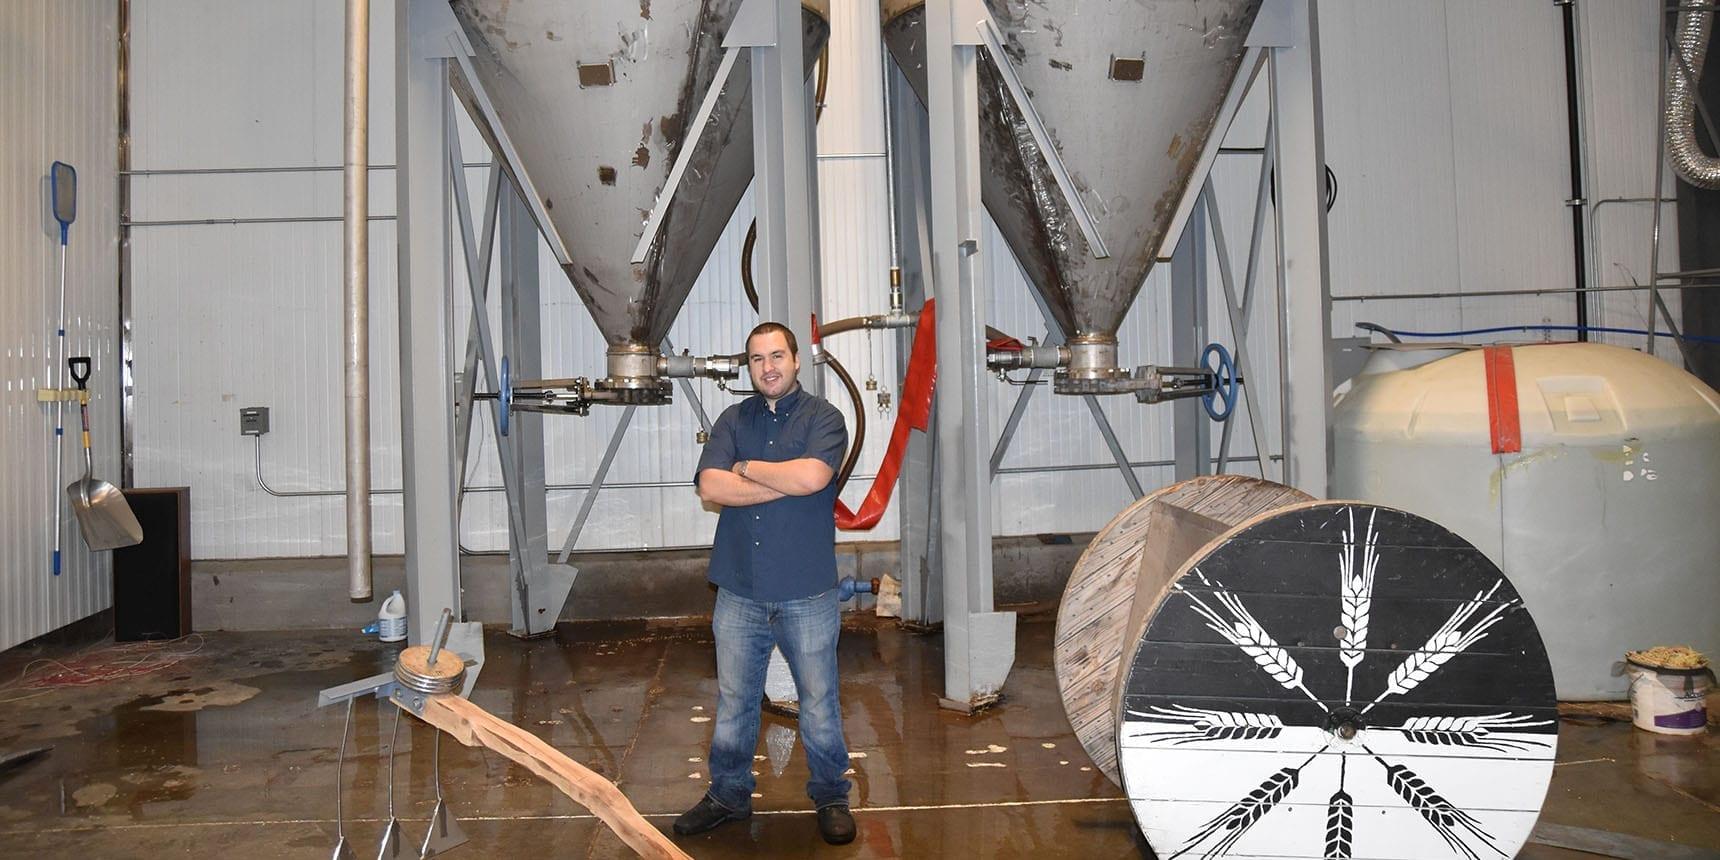 Solstice Malt - James Weed - Featured - Utah Beer News